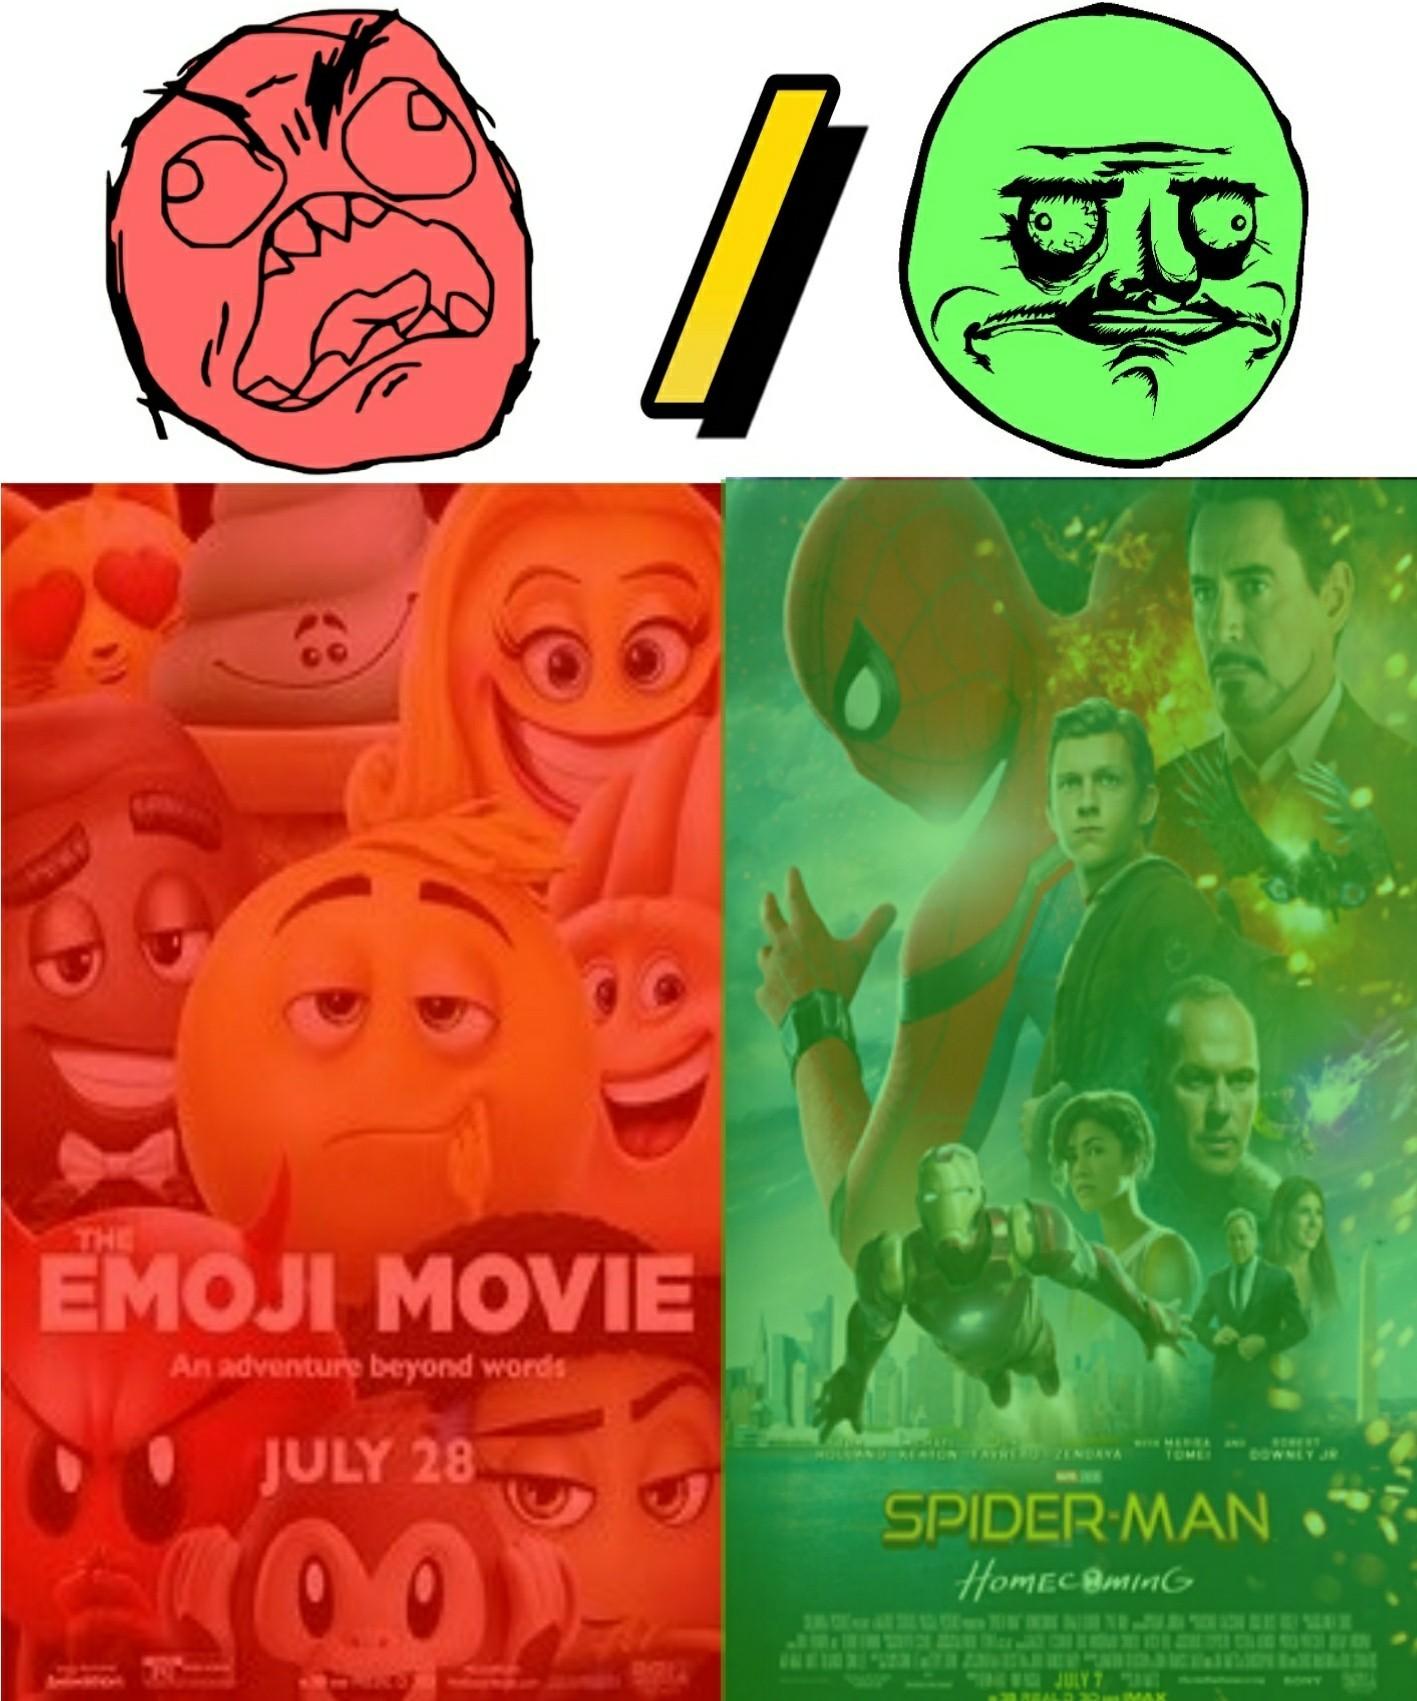 Hagan sus votaciones - meme